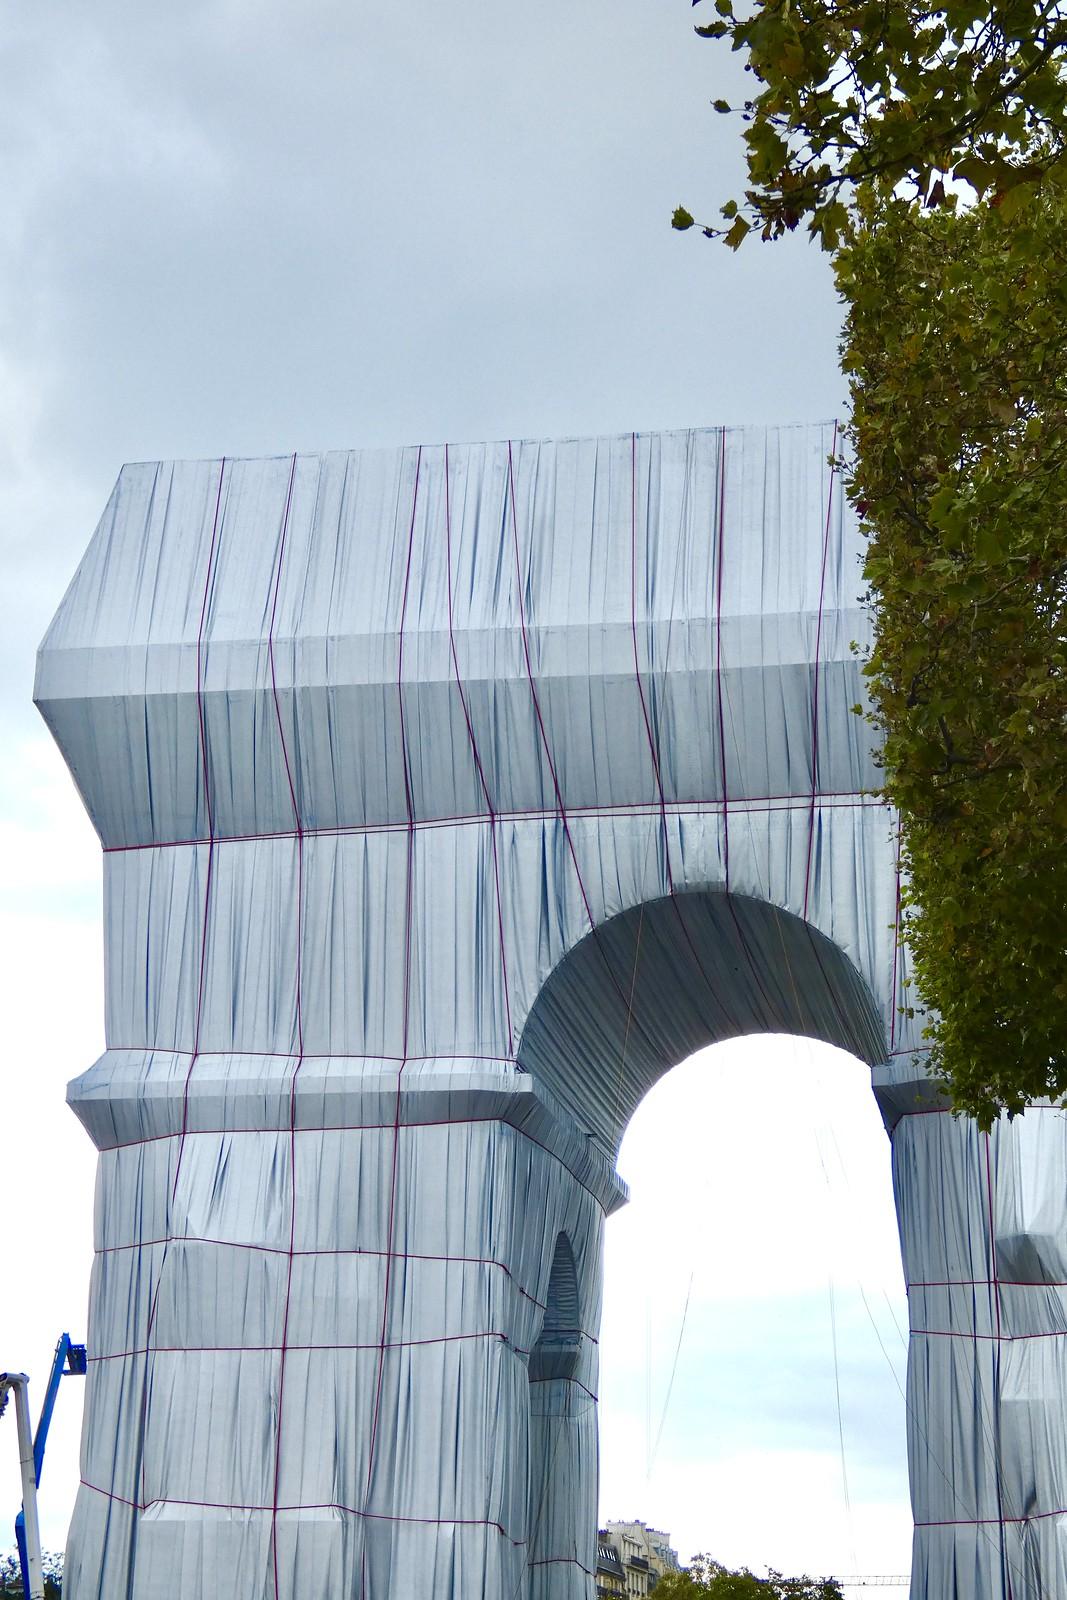 Dernière semaine pour voir l'Arc de Triomphe empaqueté par Christo